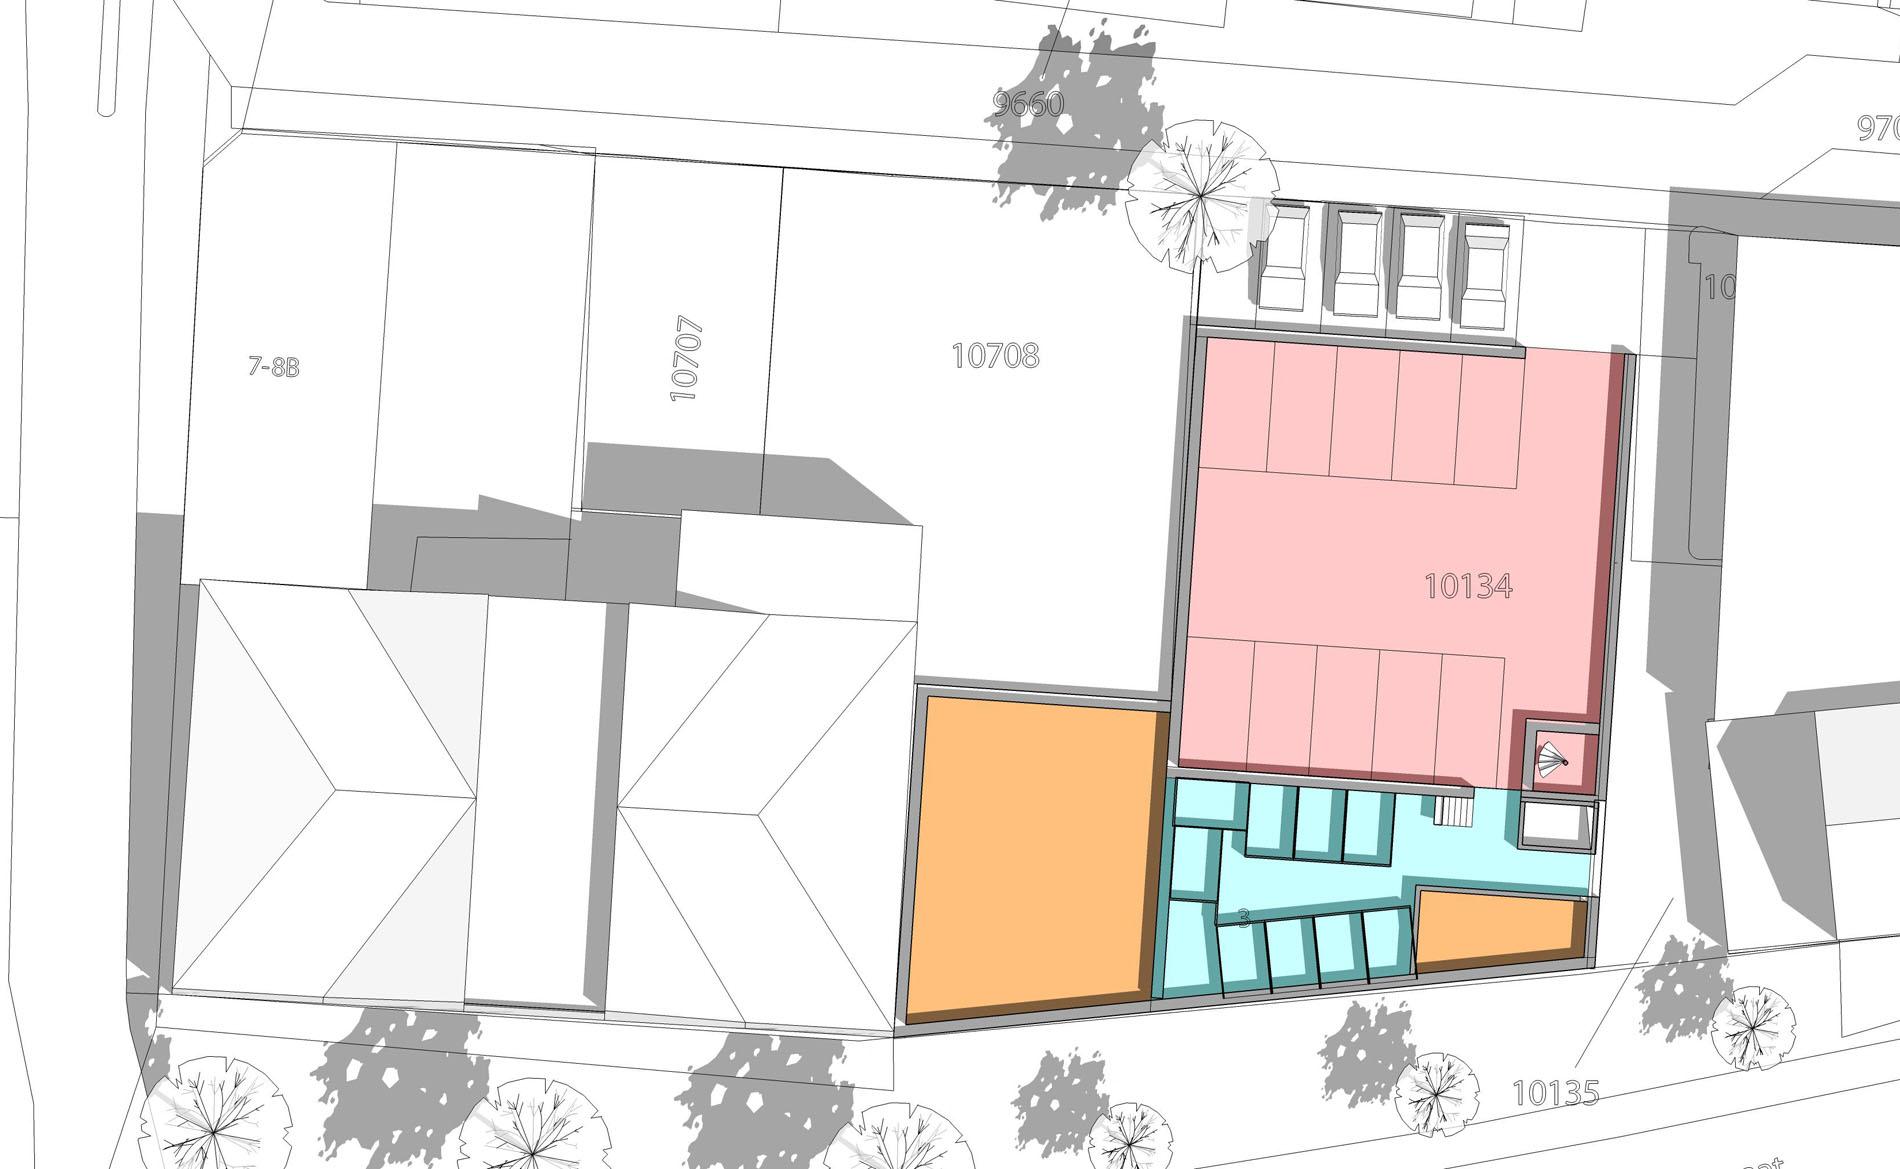 haalbaarheidsstudie woningbouw appartementen Putten BBHD architecten